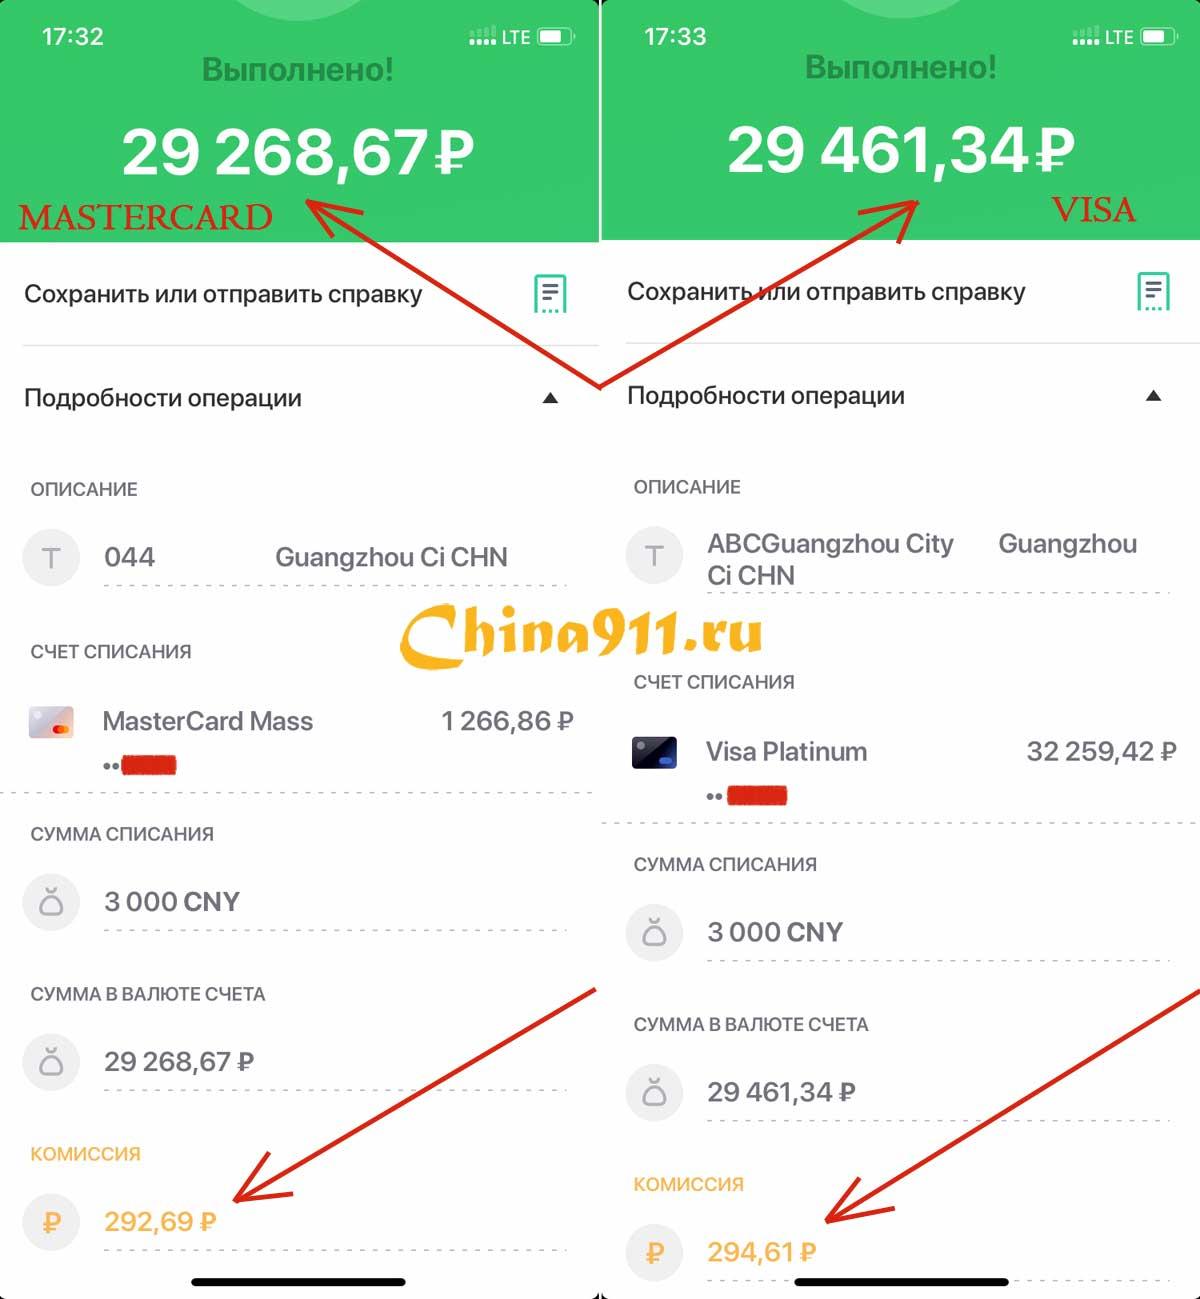 visa и mastercard сбербанка в Китае